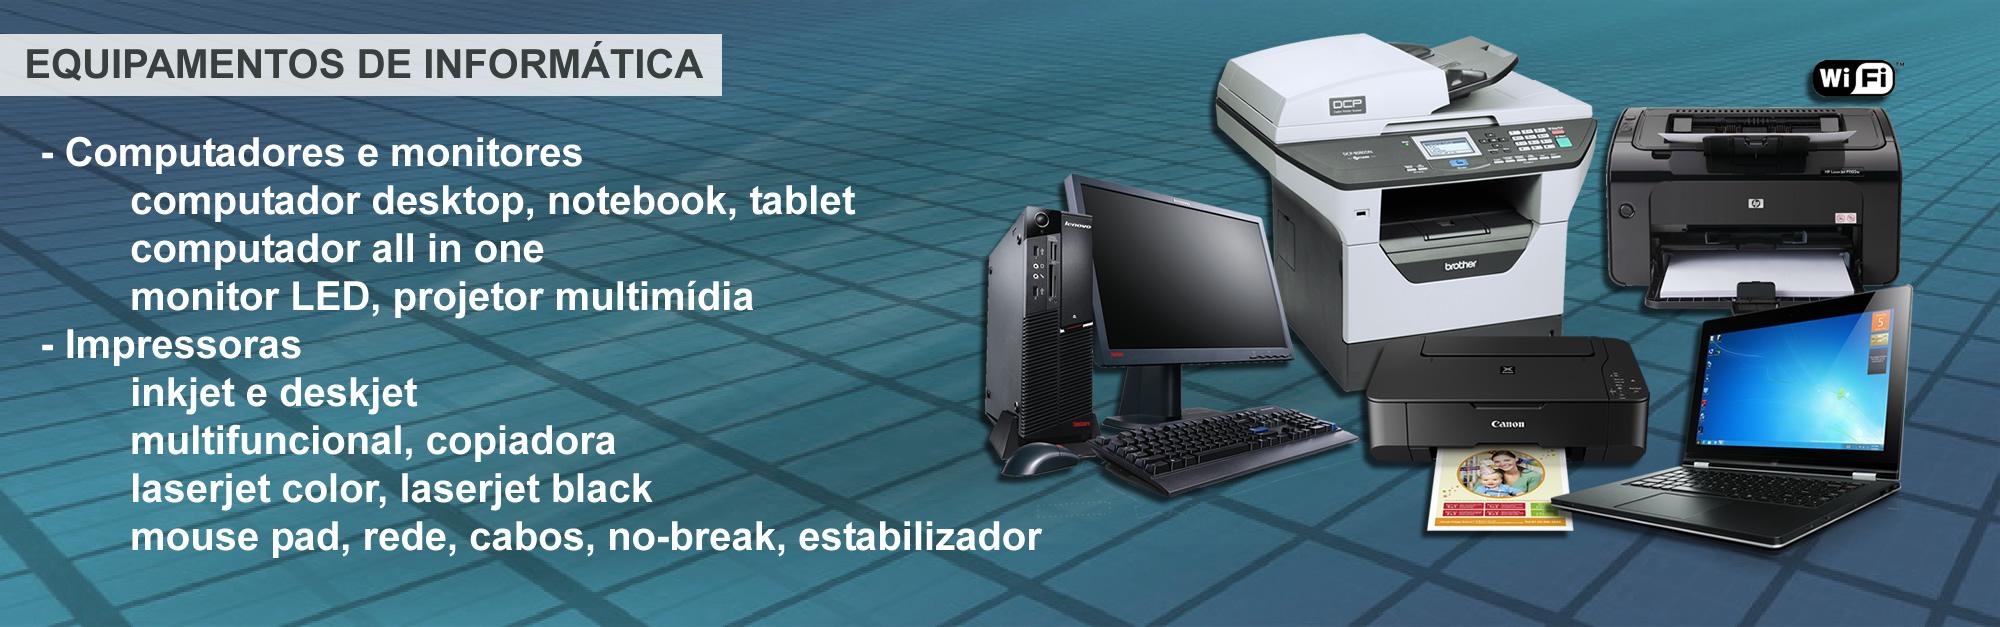 SupriWay - Equipamentos de Informática